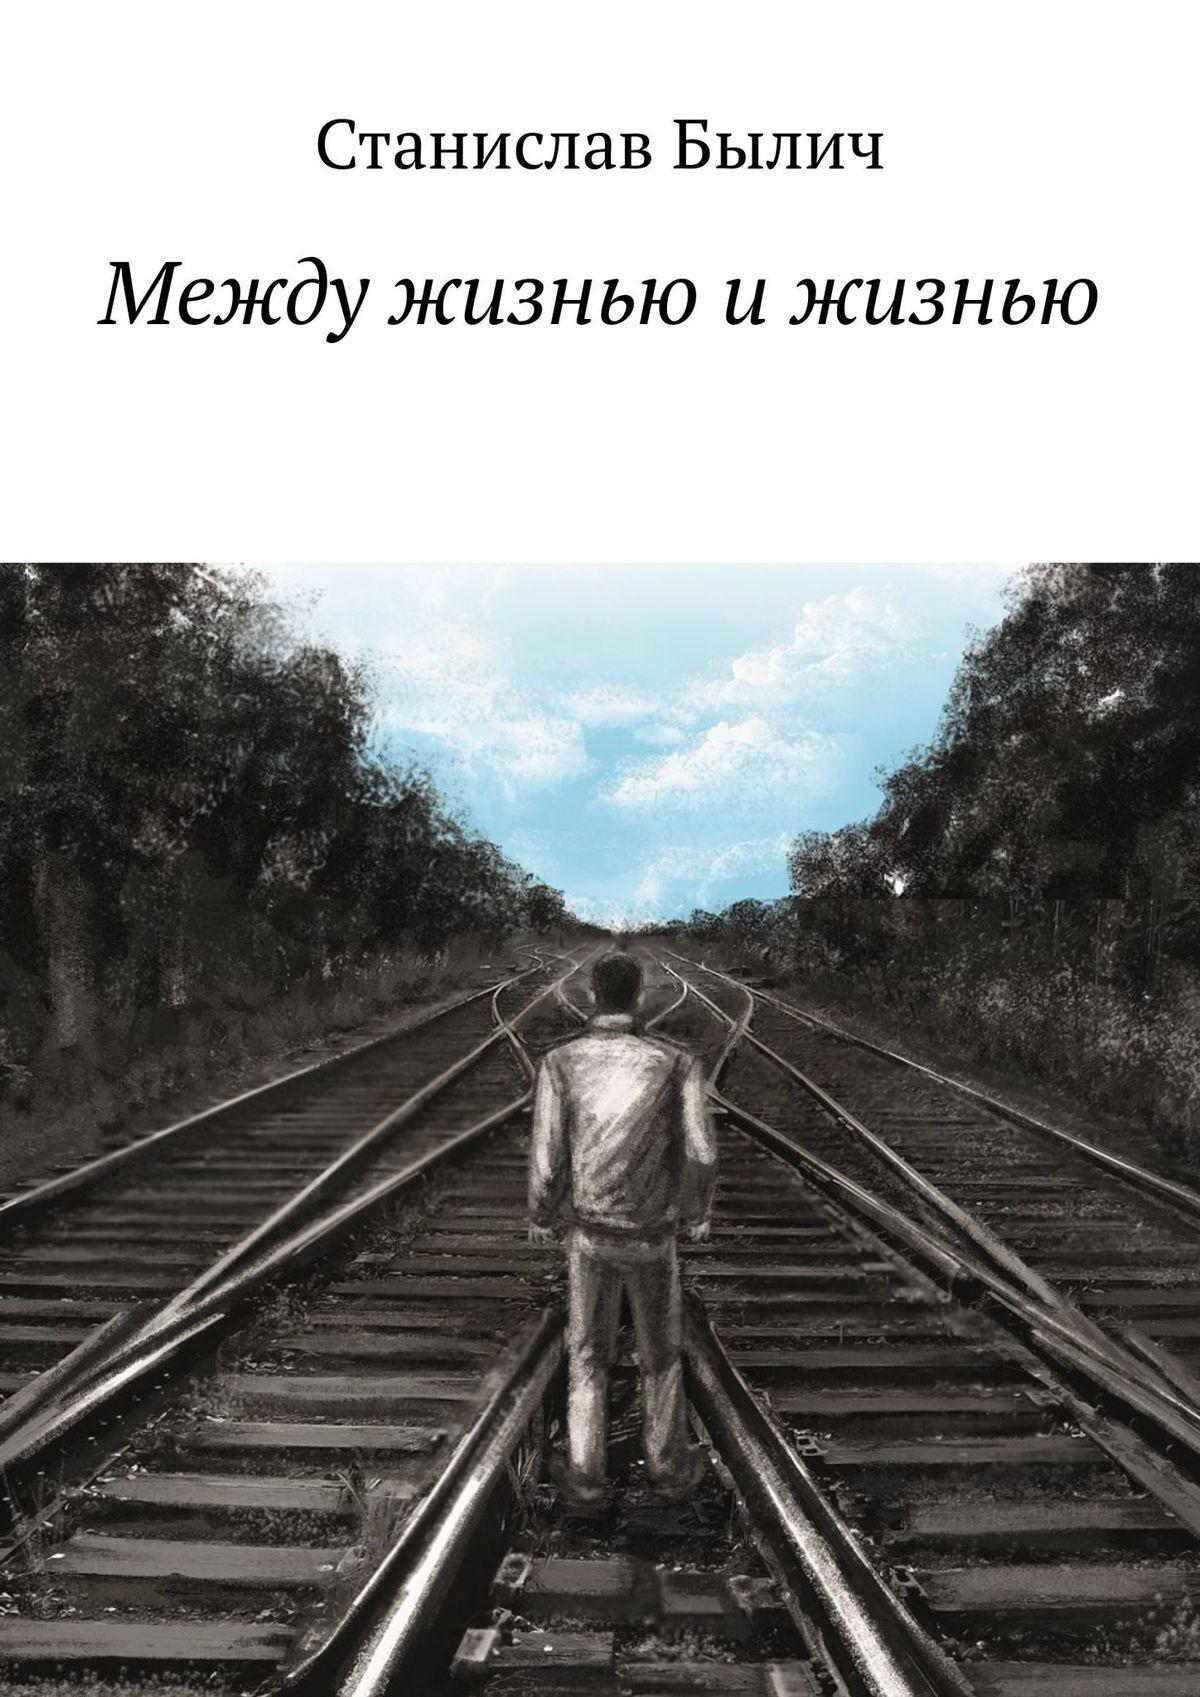 Между жизнью и жизнью